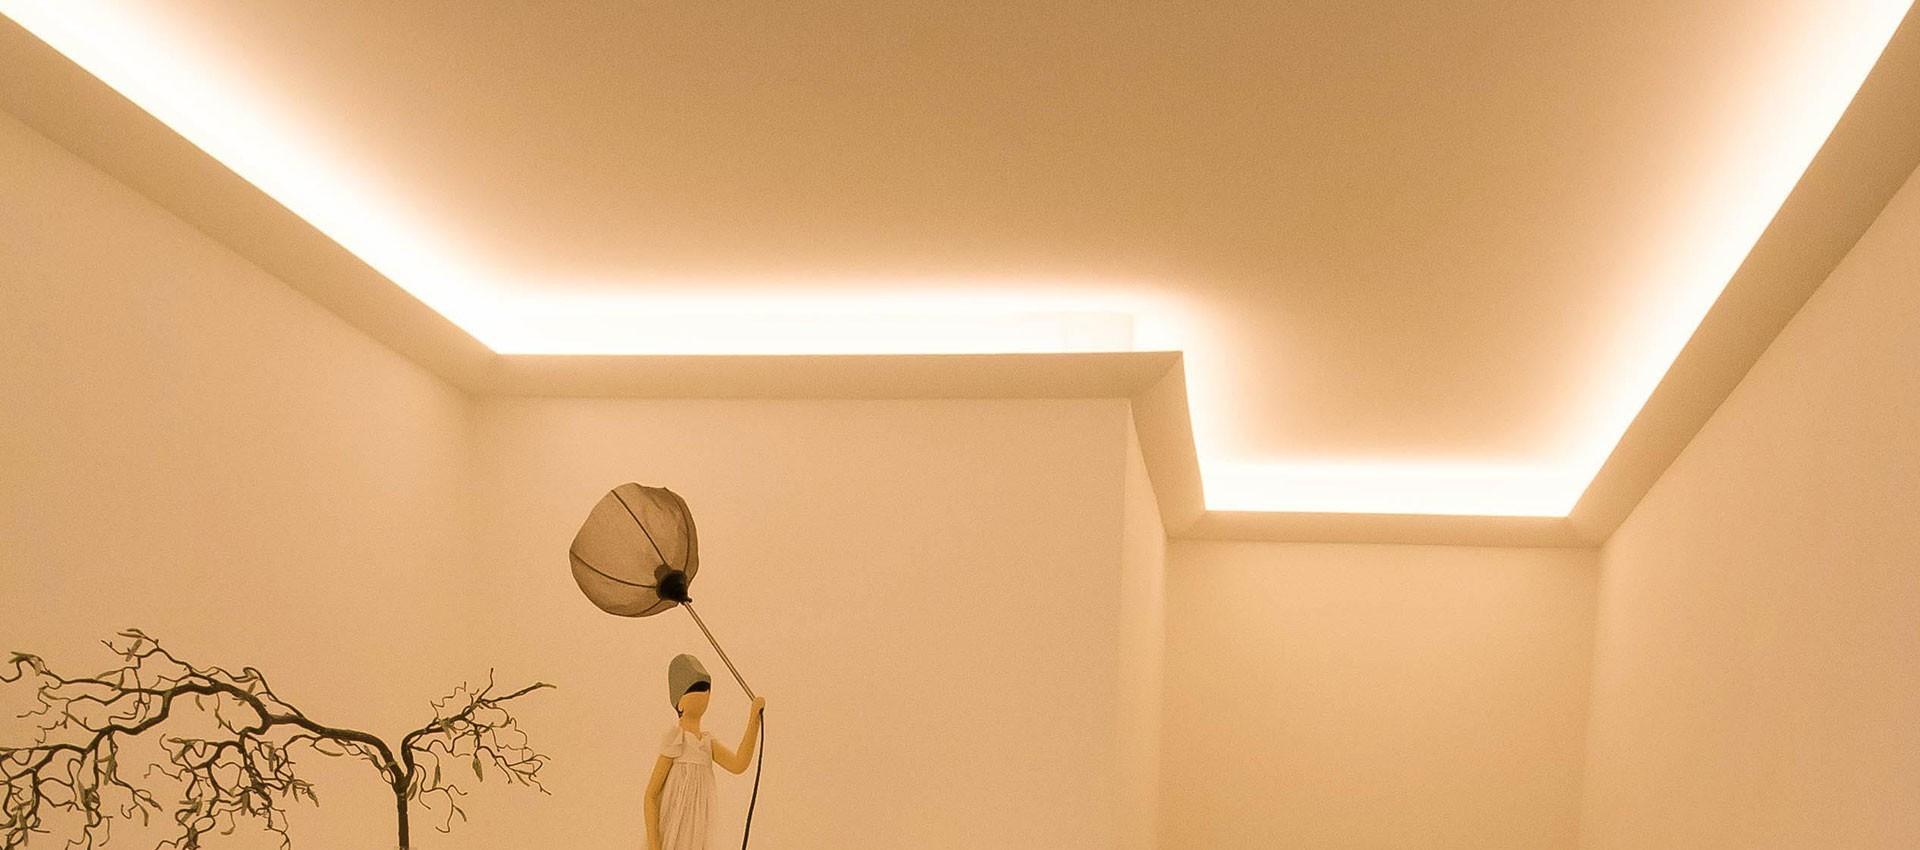 Full Size of Indirekte Beleuchtung Decke Und Fassadengestaltung Ihr Experte Bendu Led Wohnzimmer Deckenleuchte Küche Deckenstrahler Schlafzimmer Deckenlampe Esstisch Wohnzimmer Indirekte Beleuchtung Decke